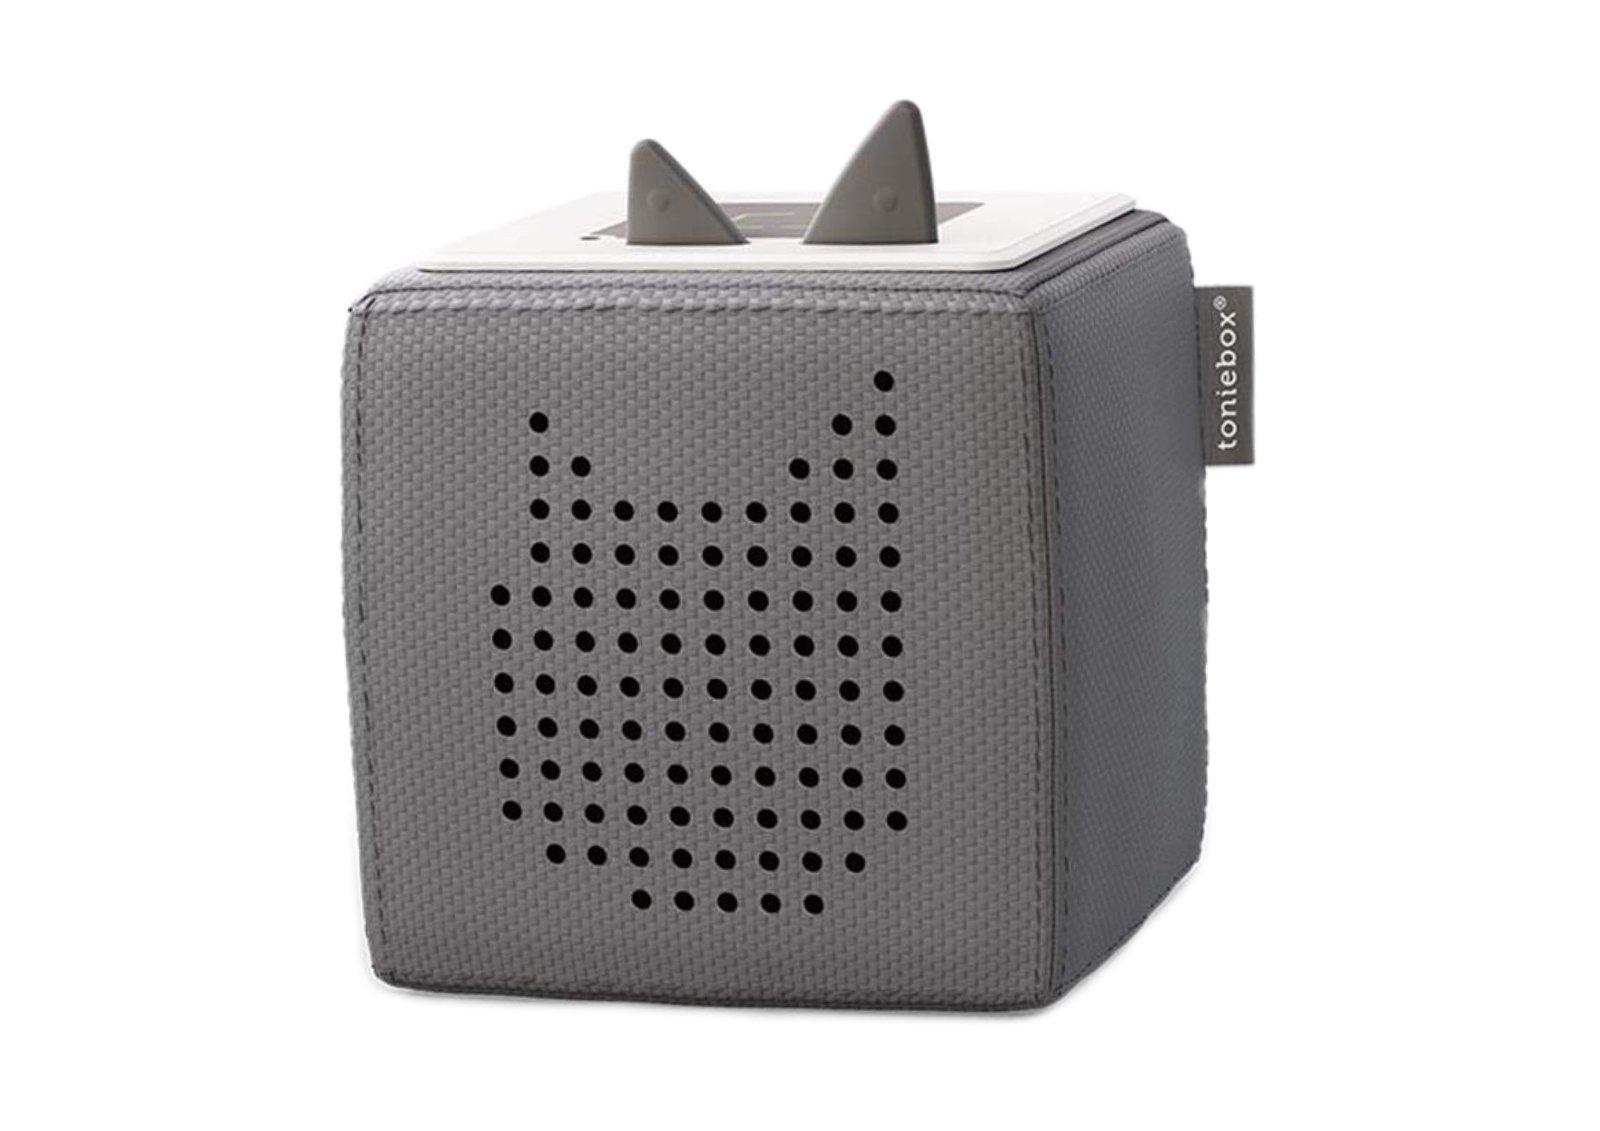 Anleitung Gerätetyp Audiosysteme Toniebox -